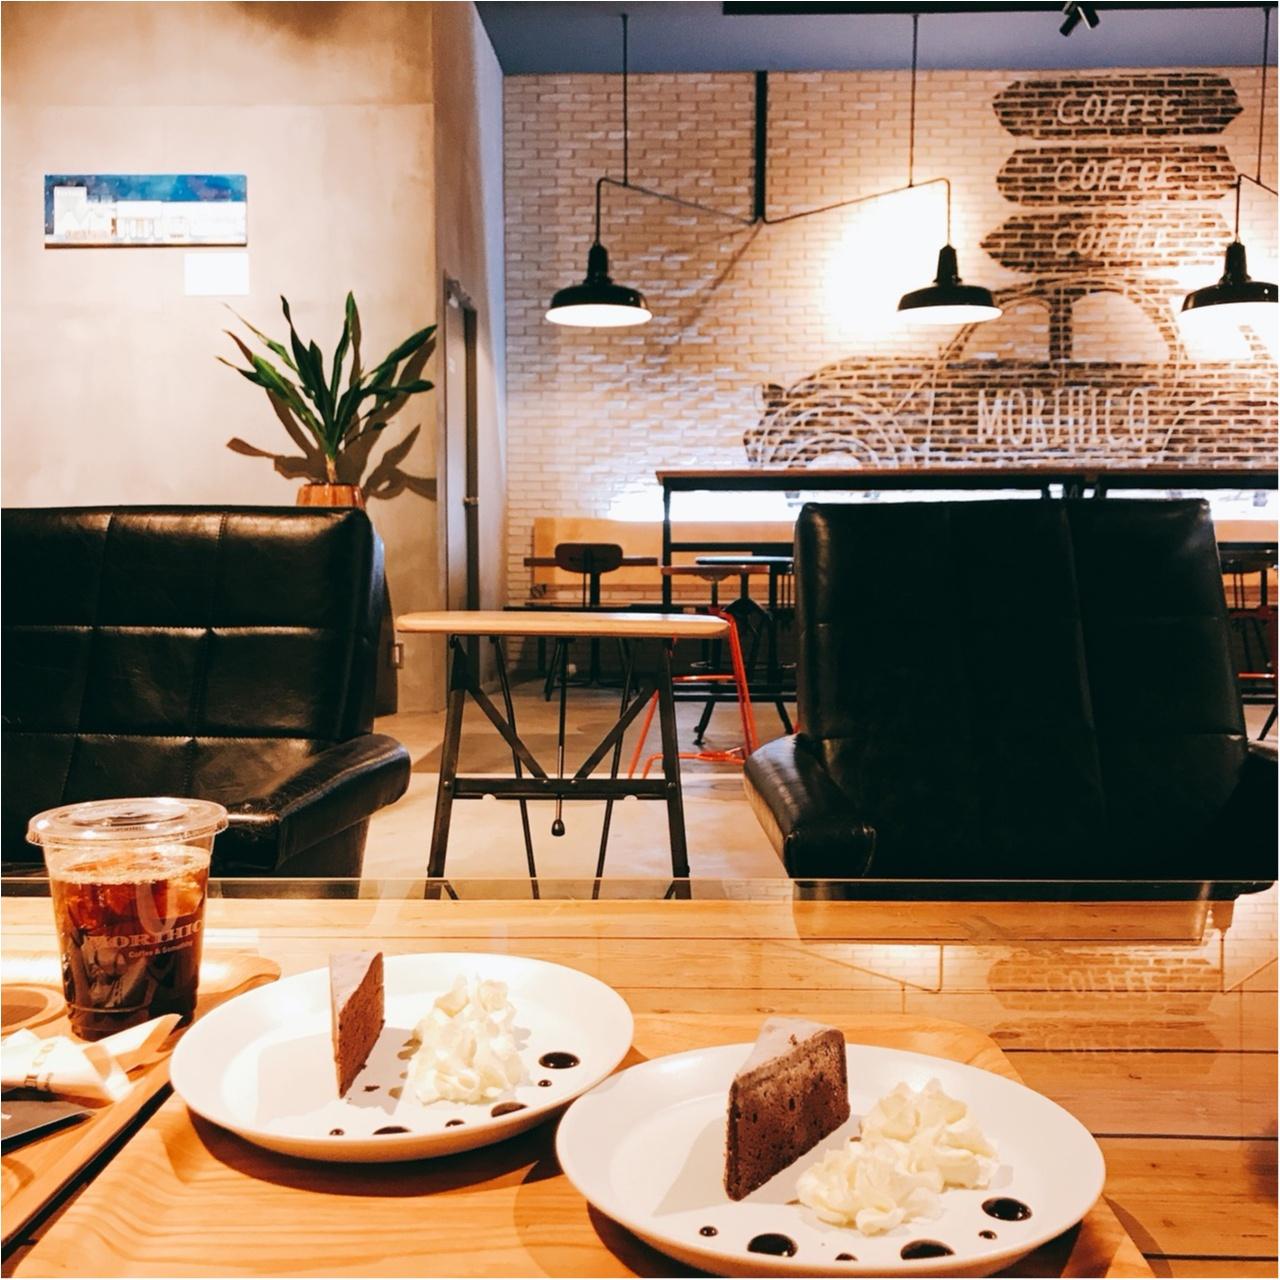 北国だからこそ味わえる♡北海道のコーヒーといえば【MORIHICO Coffe】でこだわりの一杯を♡_3